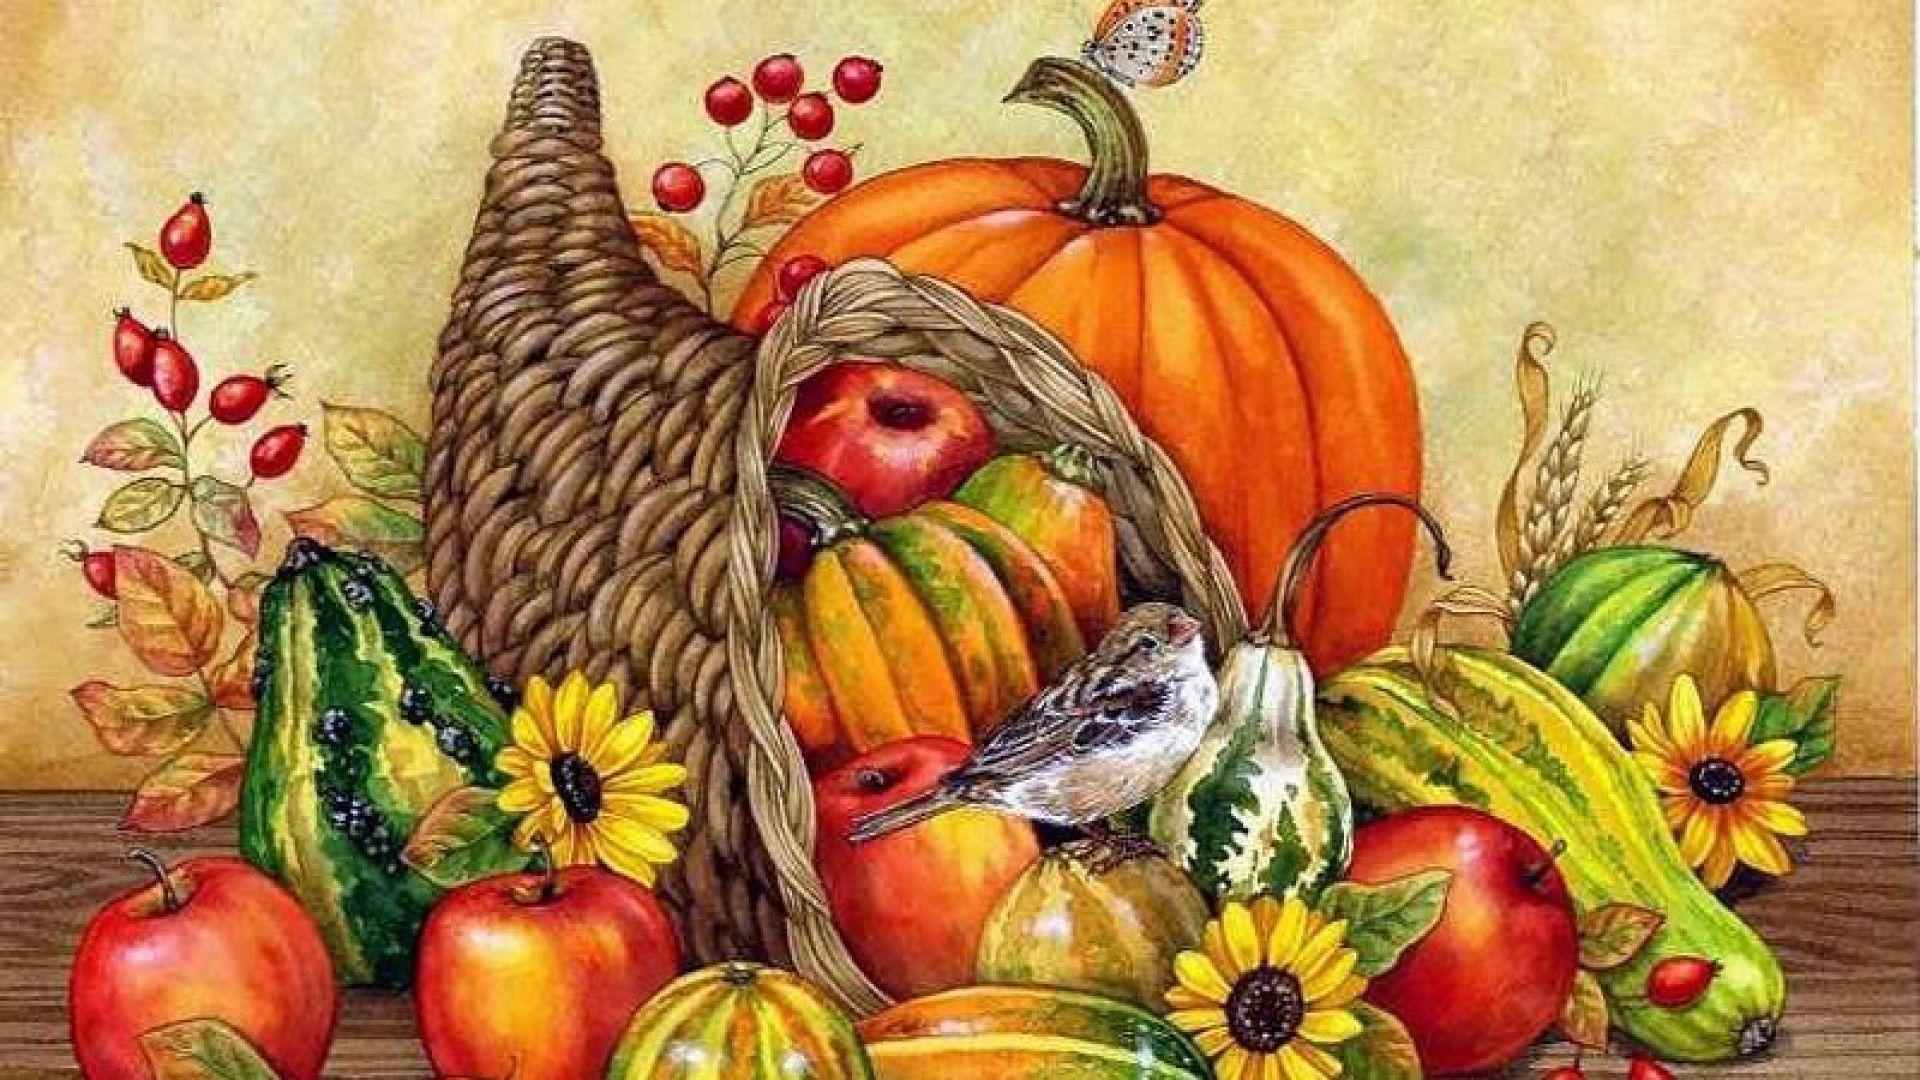 Free Thanksgiving Wallpaper Desktop Inspirational Free - Thanksgiving Desktop Backgrounds - HD Wallpaper